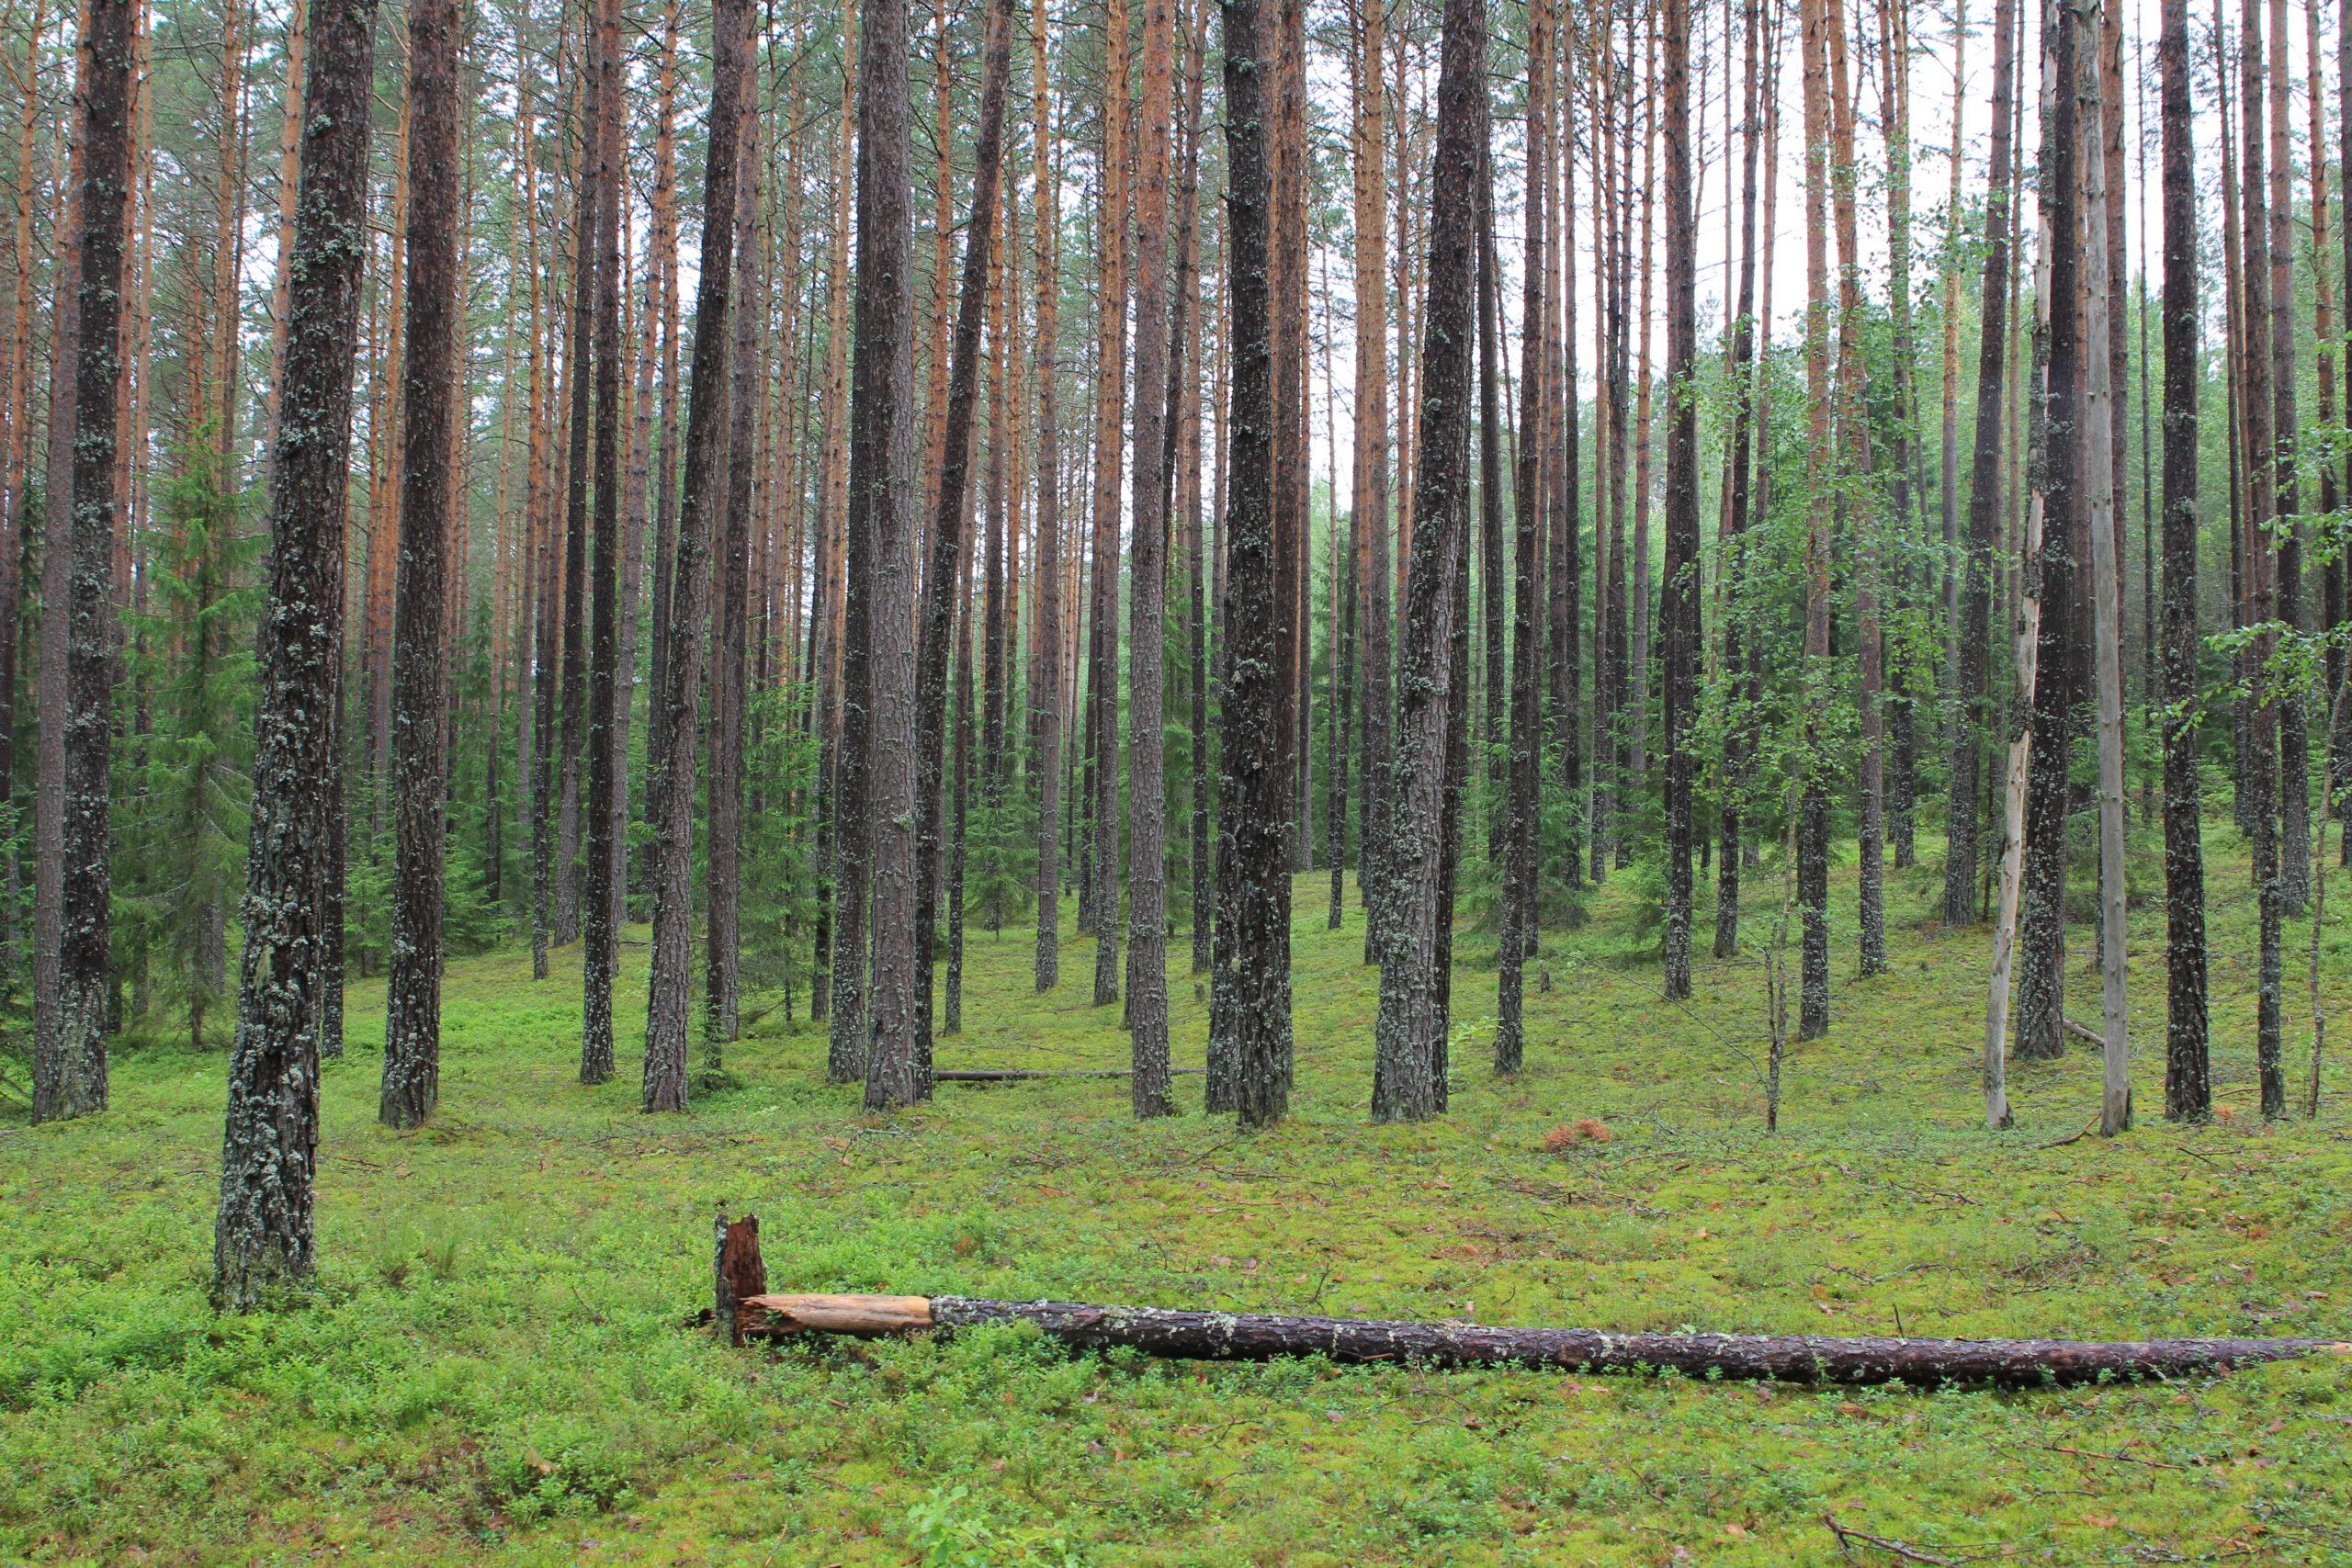 Группа исследователей из геофака МГУ, ЦЭПЛ РАН и Сколтеха ищут индикаторы агрогенного этапа развития лесной территории